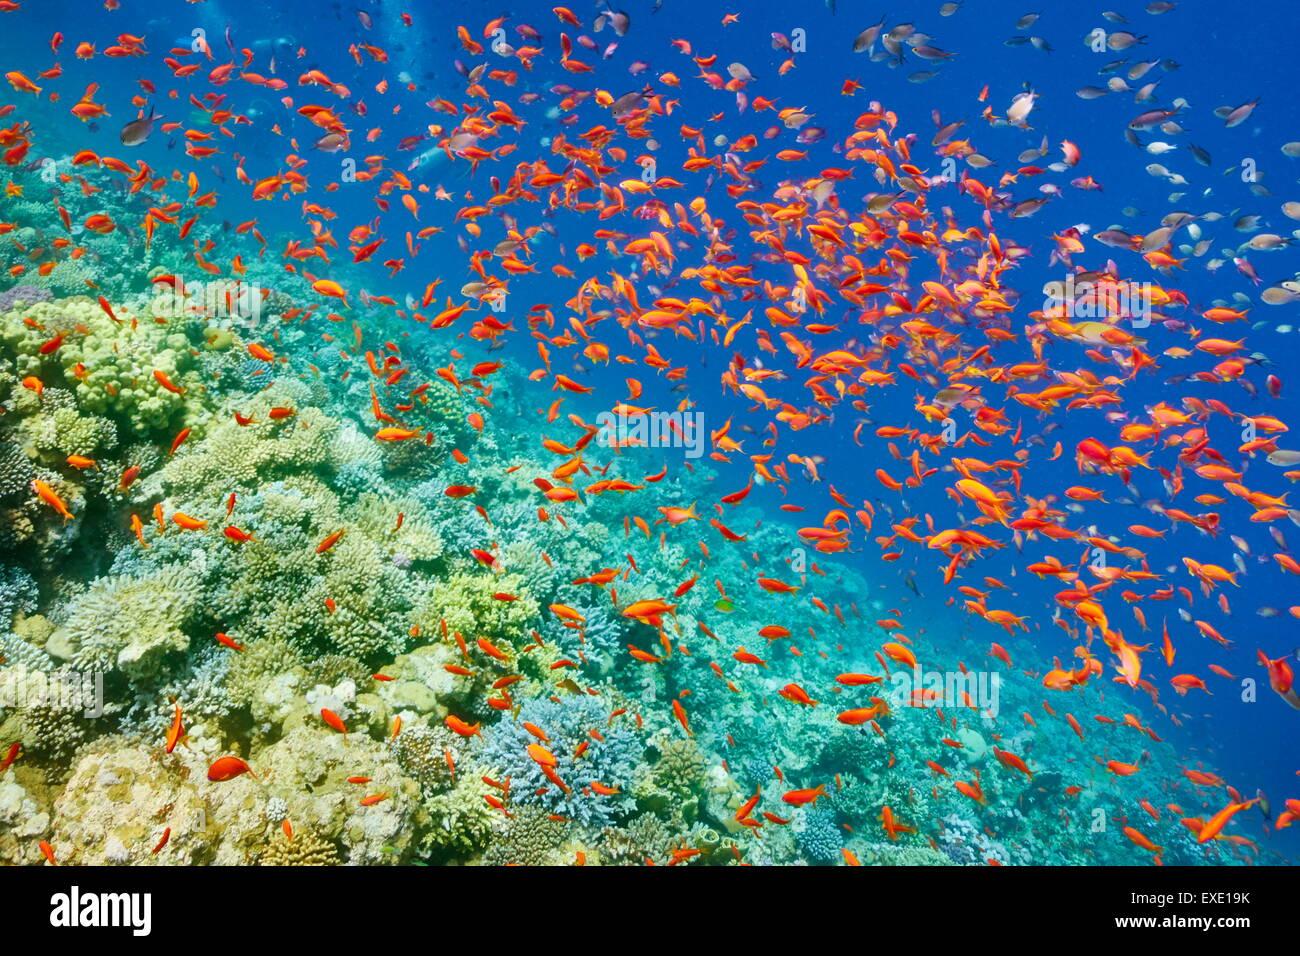 Unterwasser Foto, flachem Fisch über das Korallenriff im Roten Meer, Ägypten Stockbild